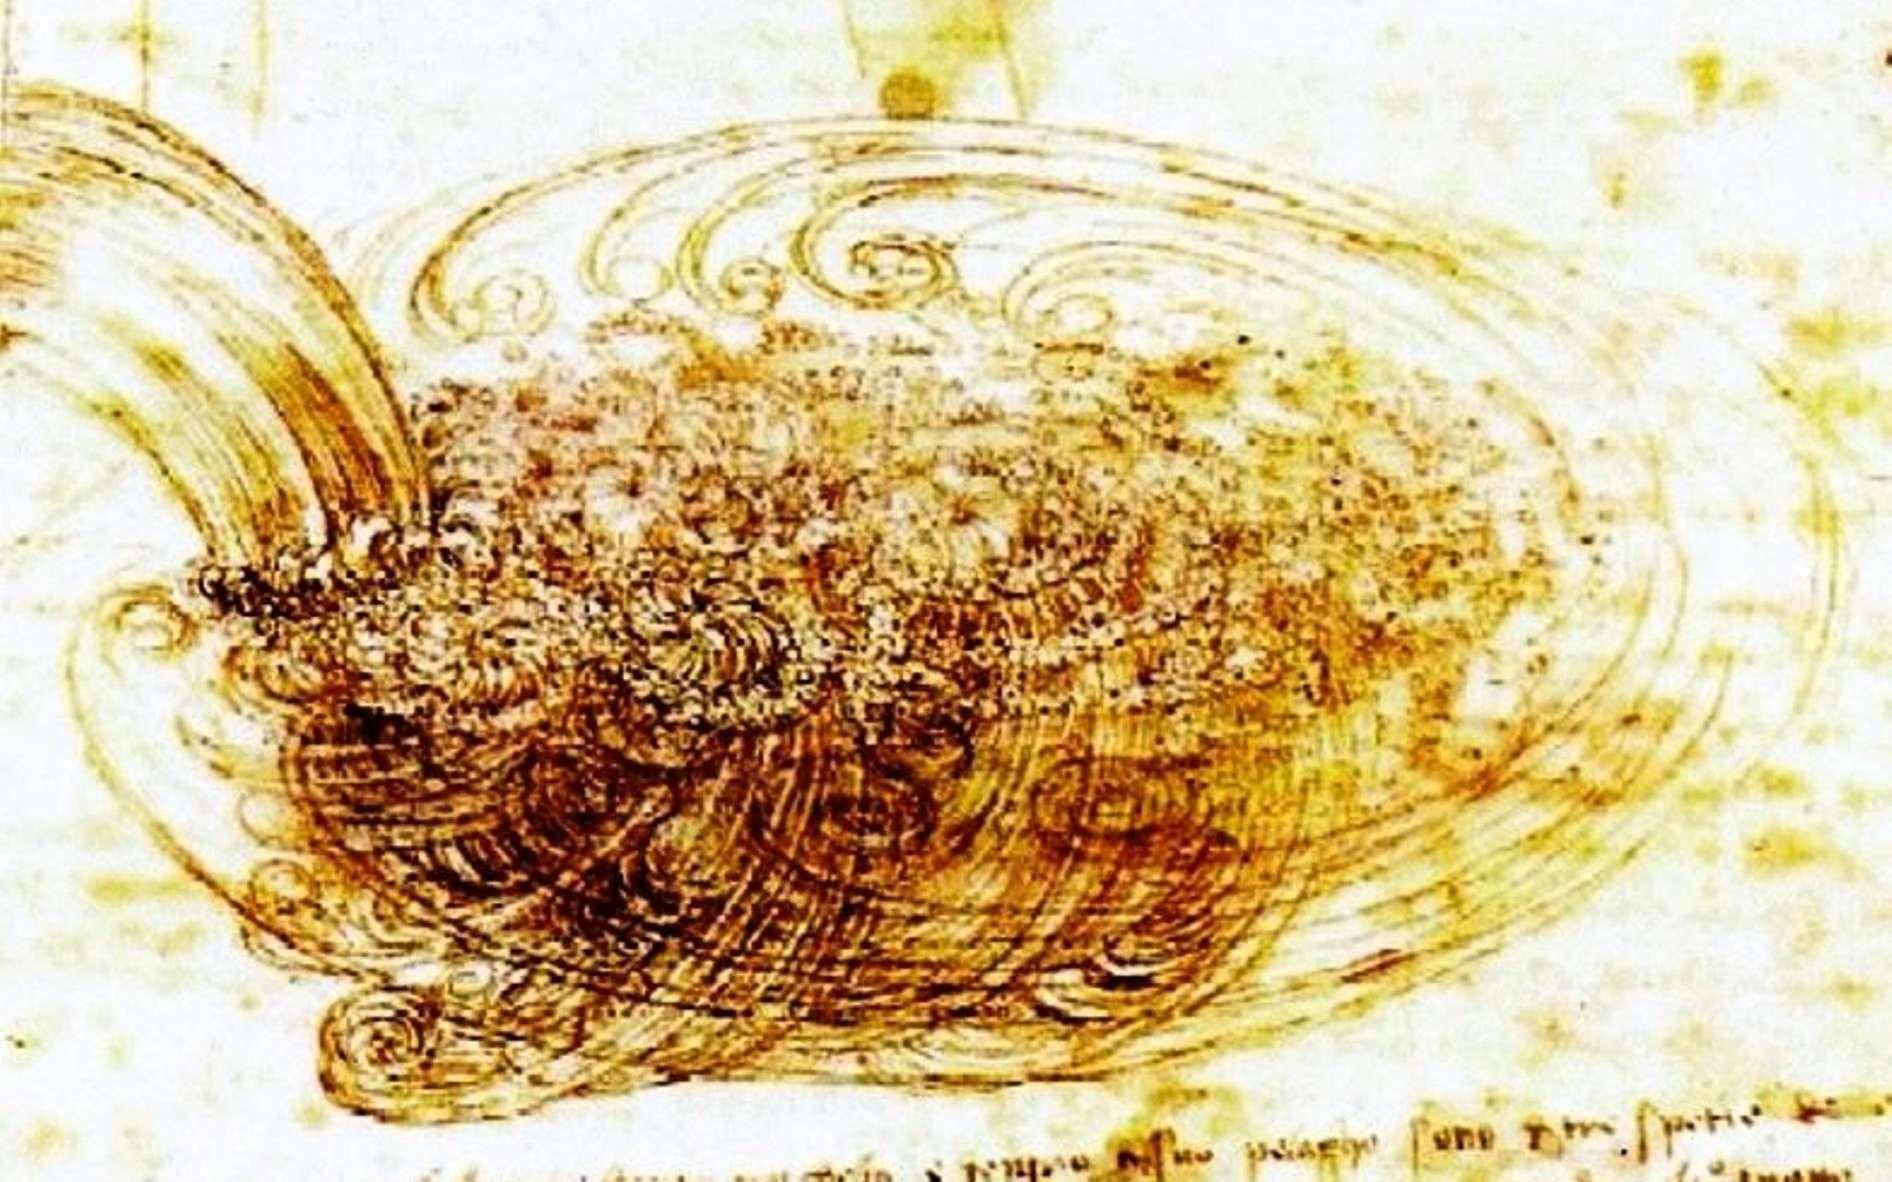 L'écoulement des fluides fascine l'Homme depuis des millénaires. Plusieurs dessins de Léonard de Vinci montrent les formes tourbillonnantes que peut prendre l'eau. © Images des mathématiques, CNRS